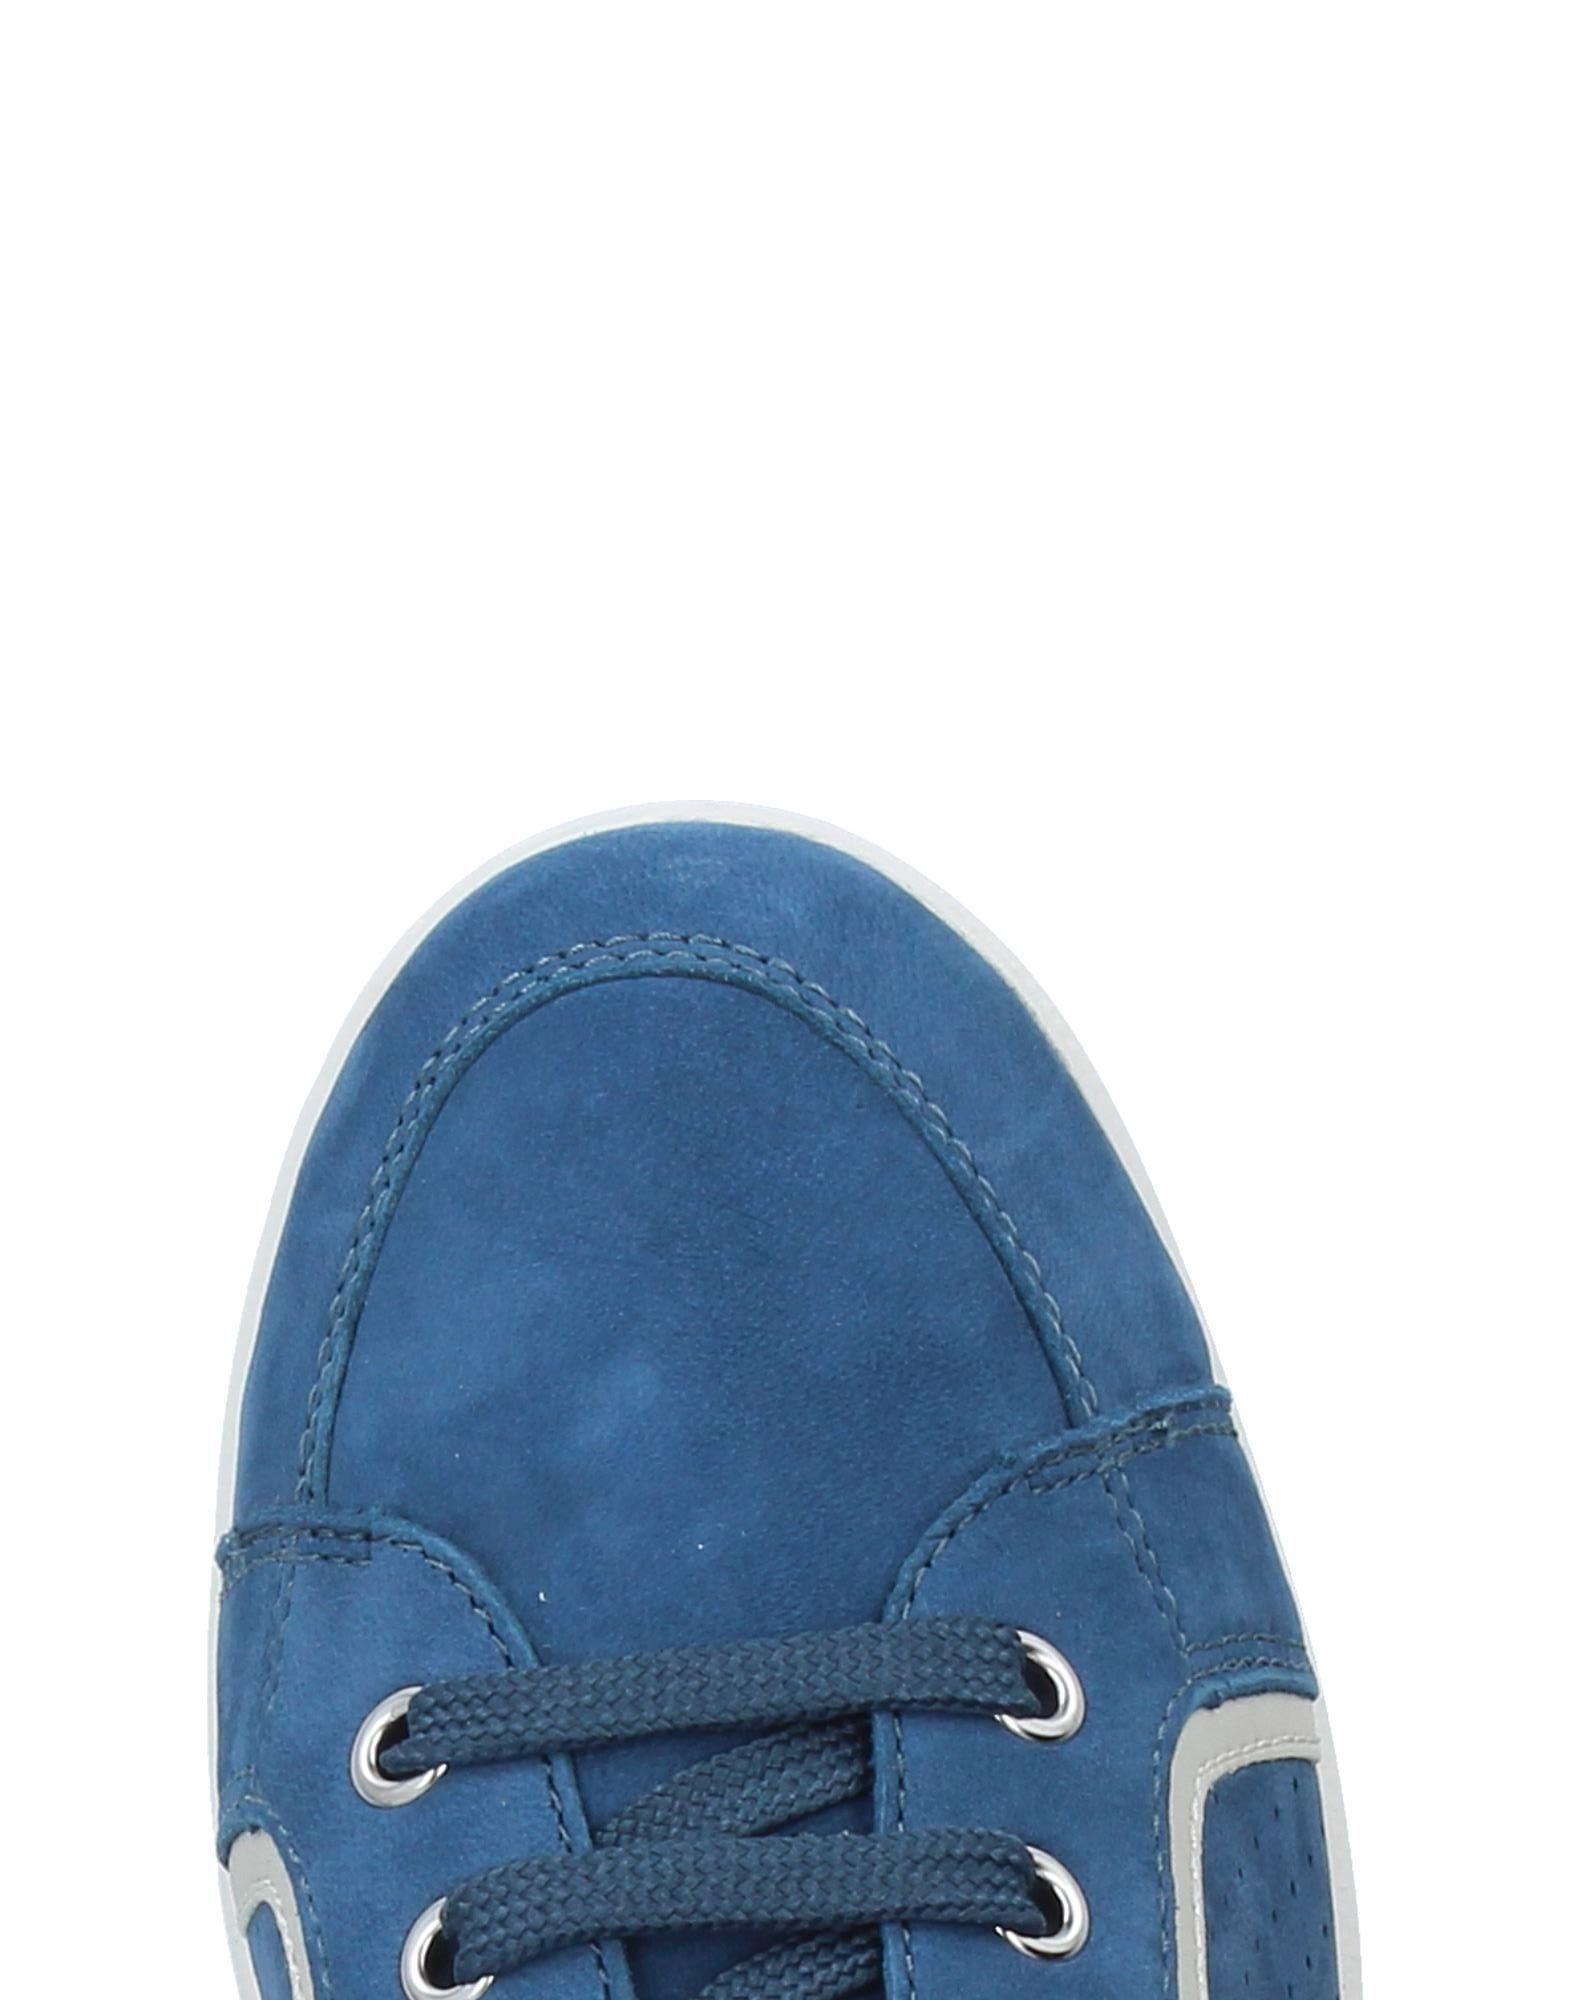 Geox Sneakers Damen   Damen 11414442SH  79f7d1